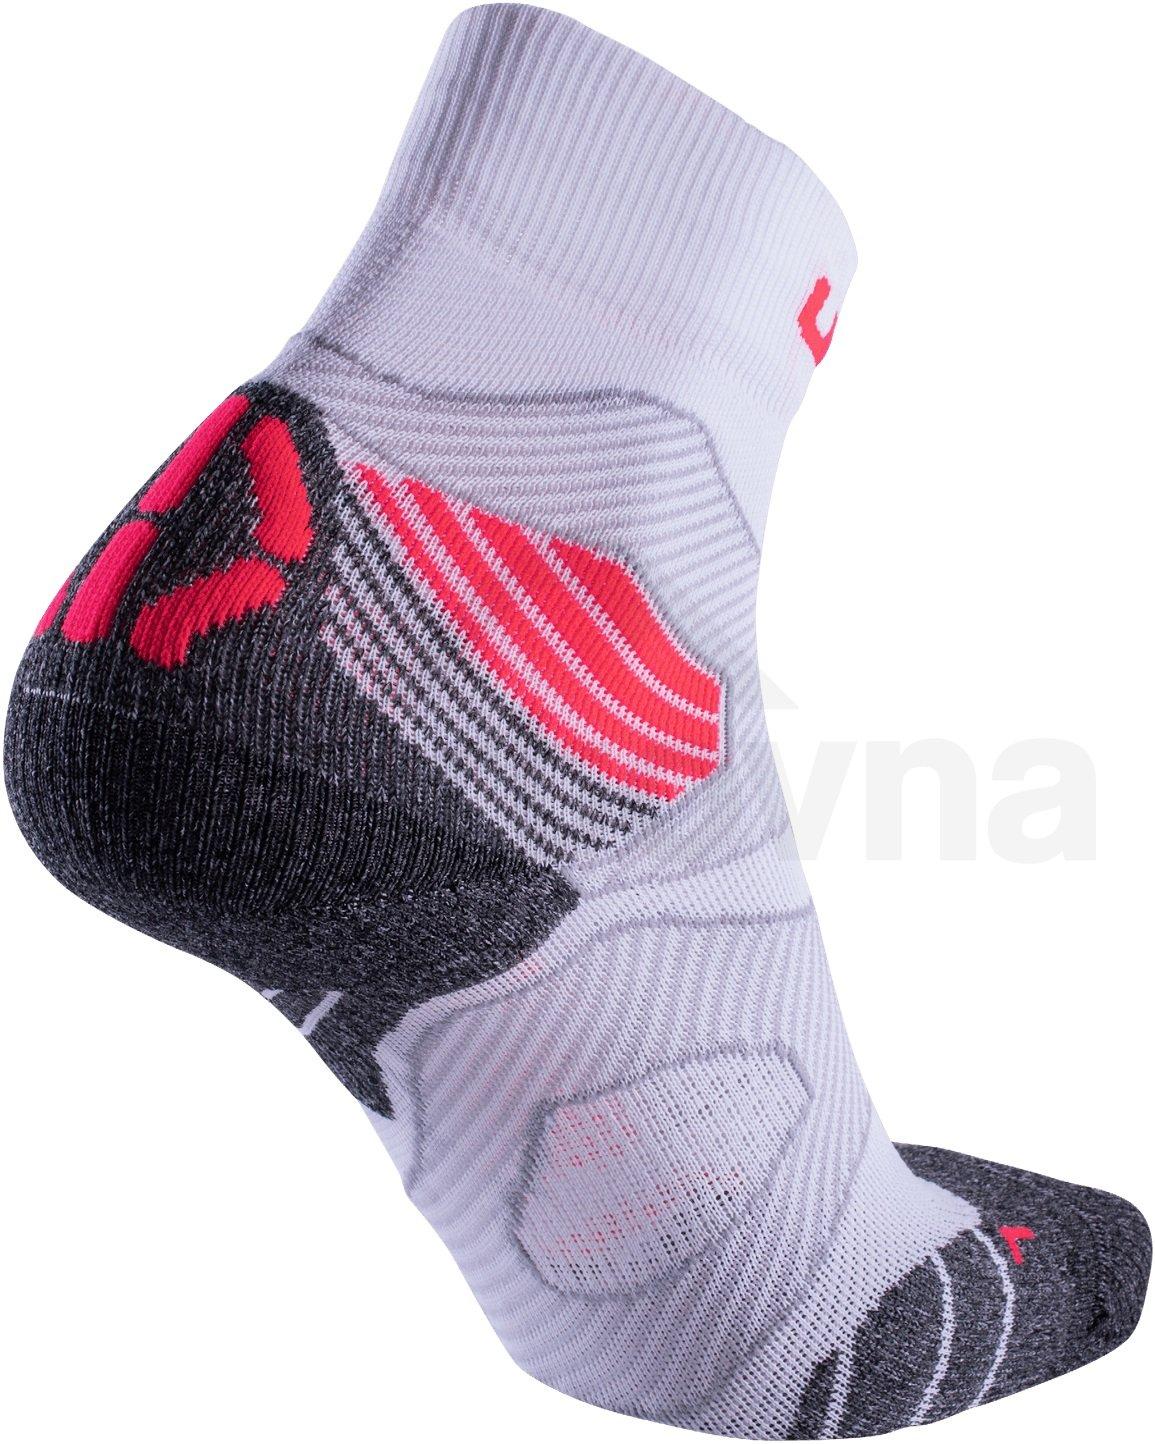 Ponožky UYN RUN TRAIL CHALLENGE - bílá/šedá/růžová